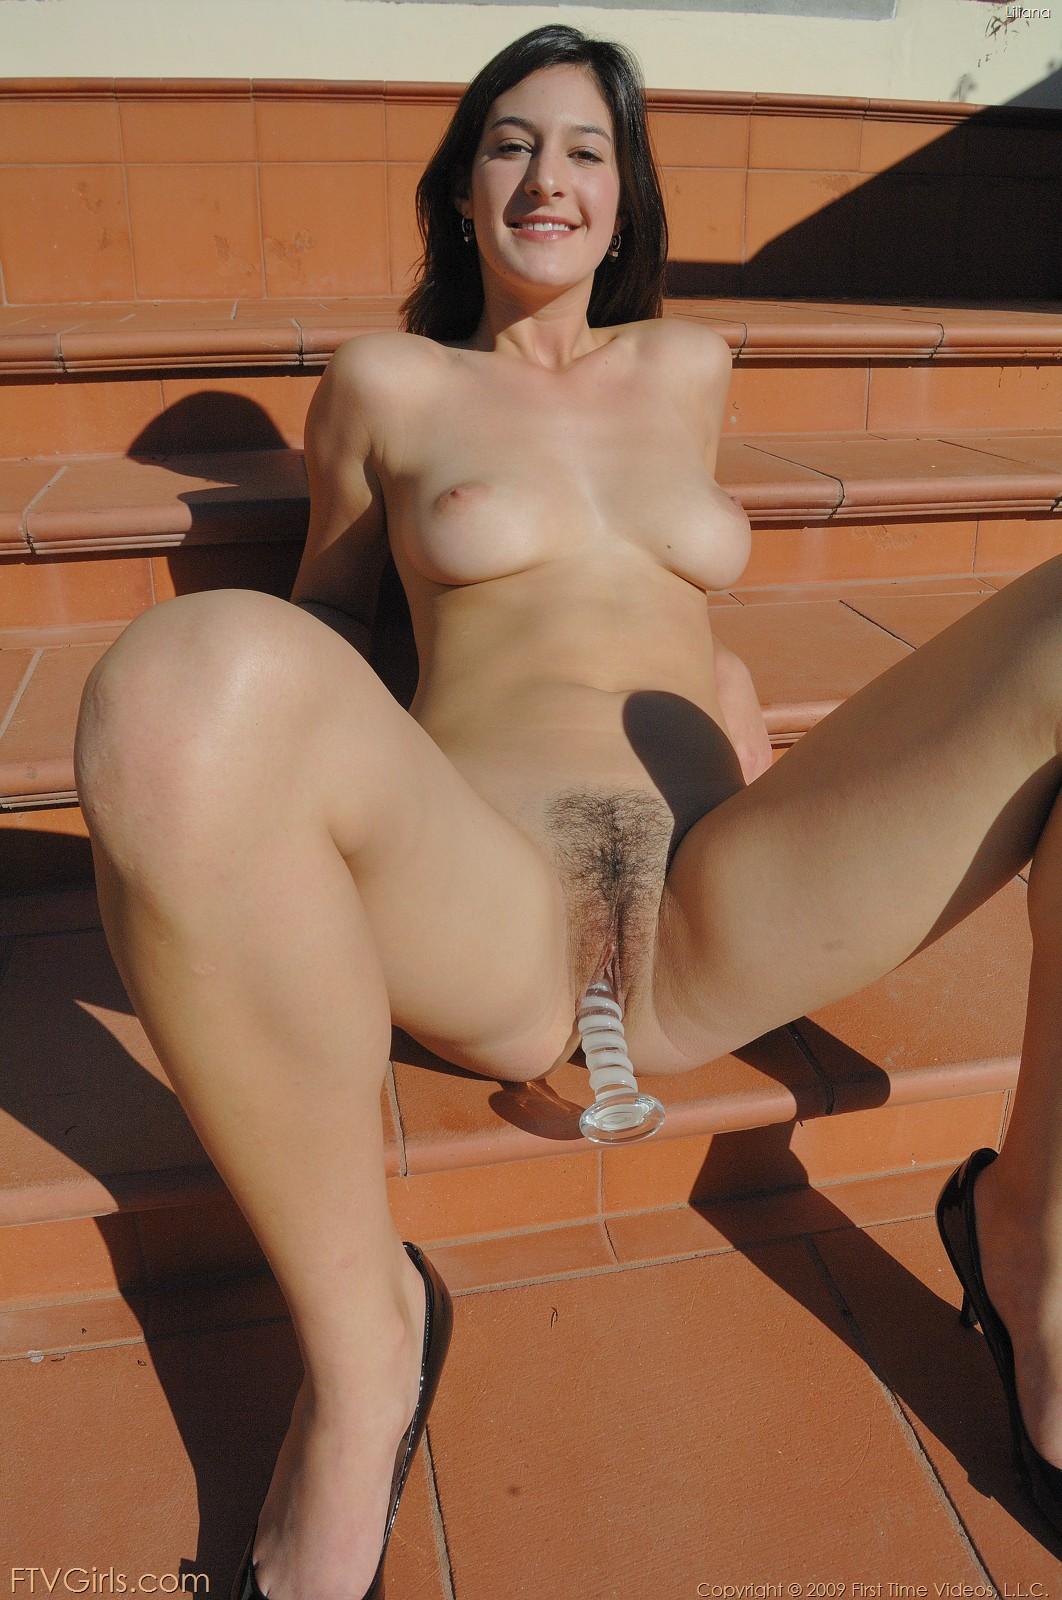 Lilian ftv girls nude, piss on people